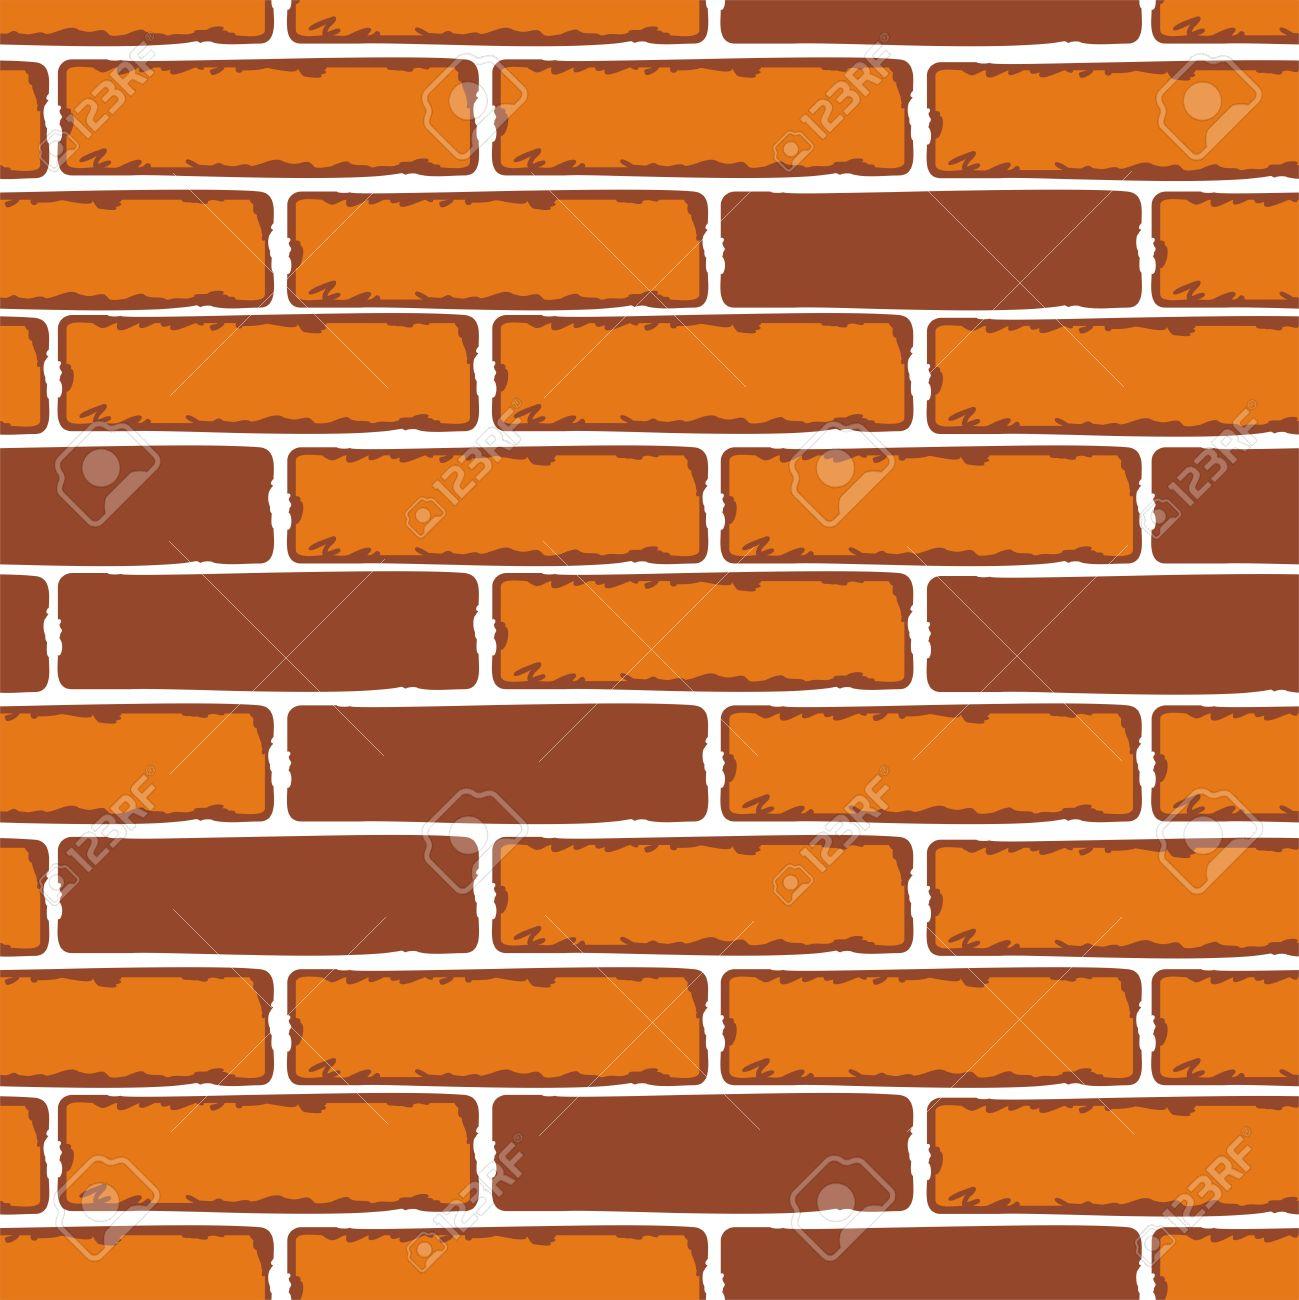 Brick Wall Clip Art: Walls Clipart